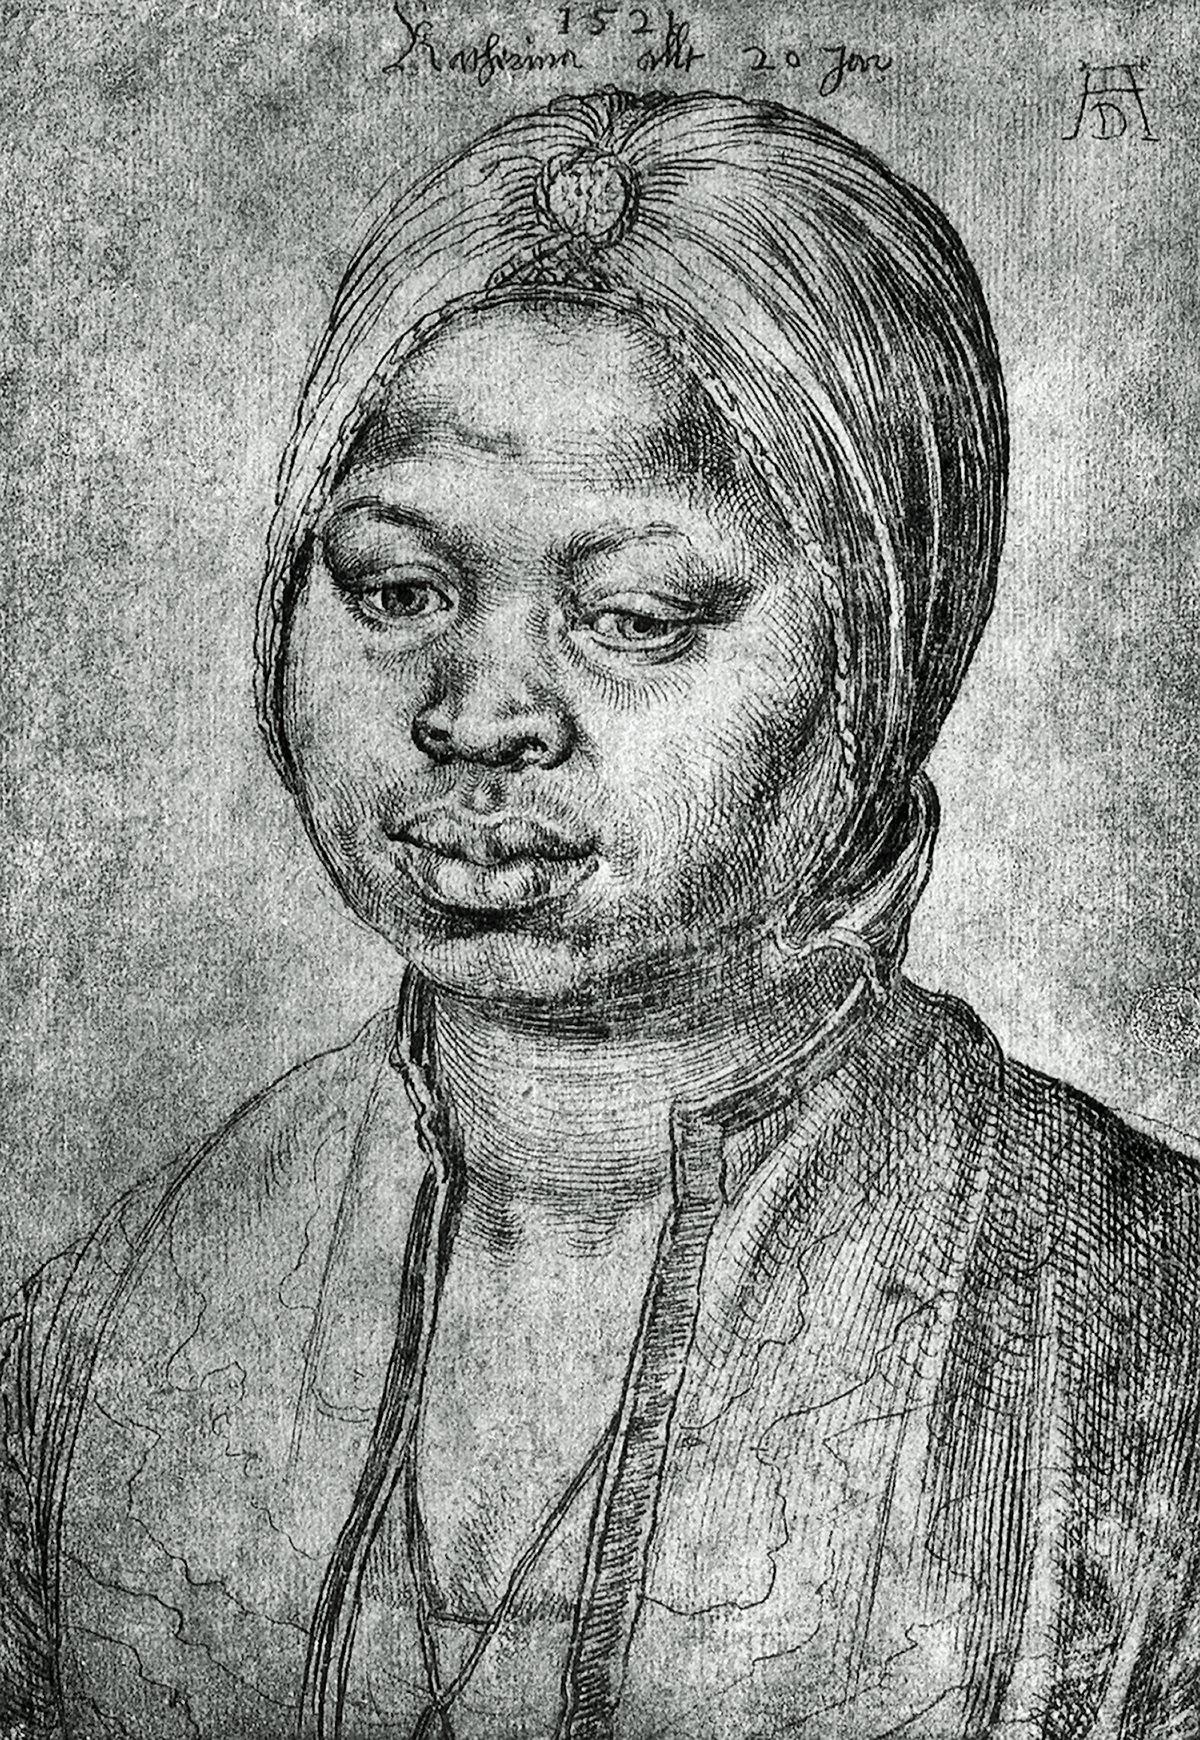 00 Albrecht Dürer. Portrait of an African Woman Katherina. 1521